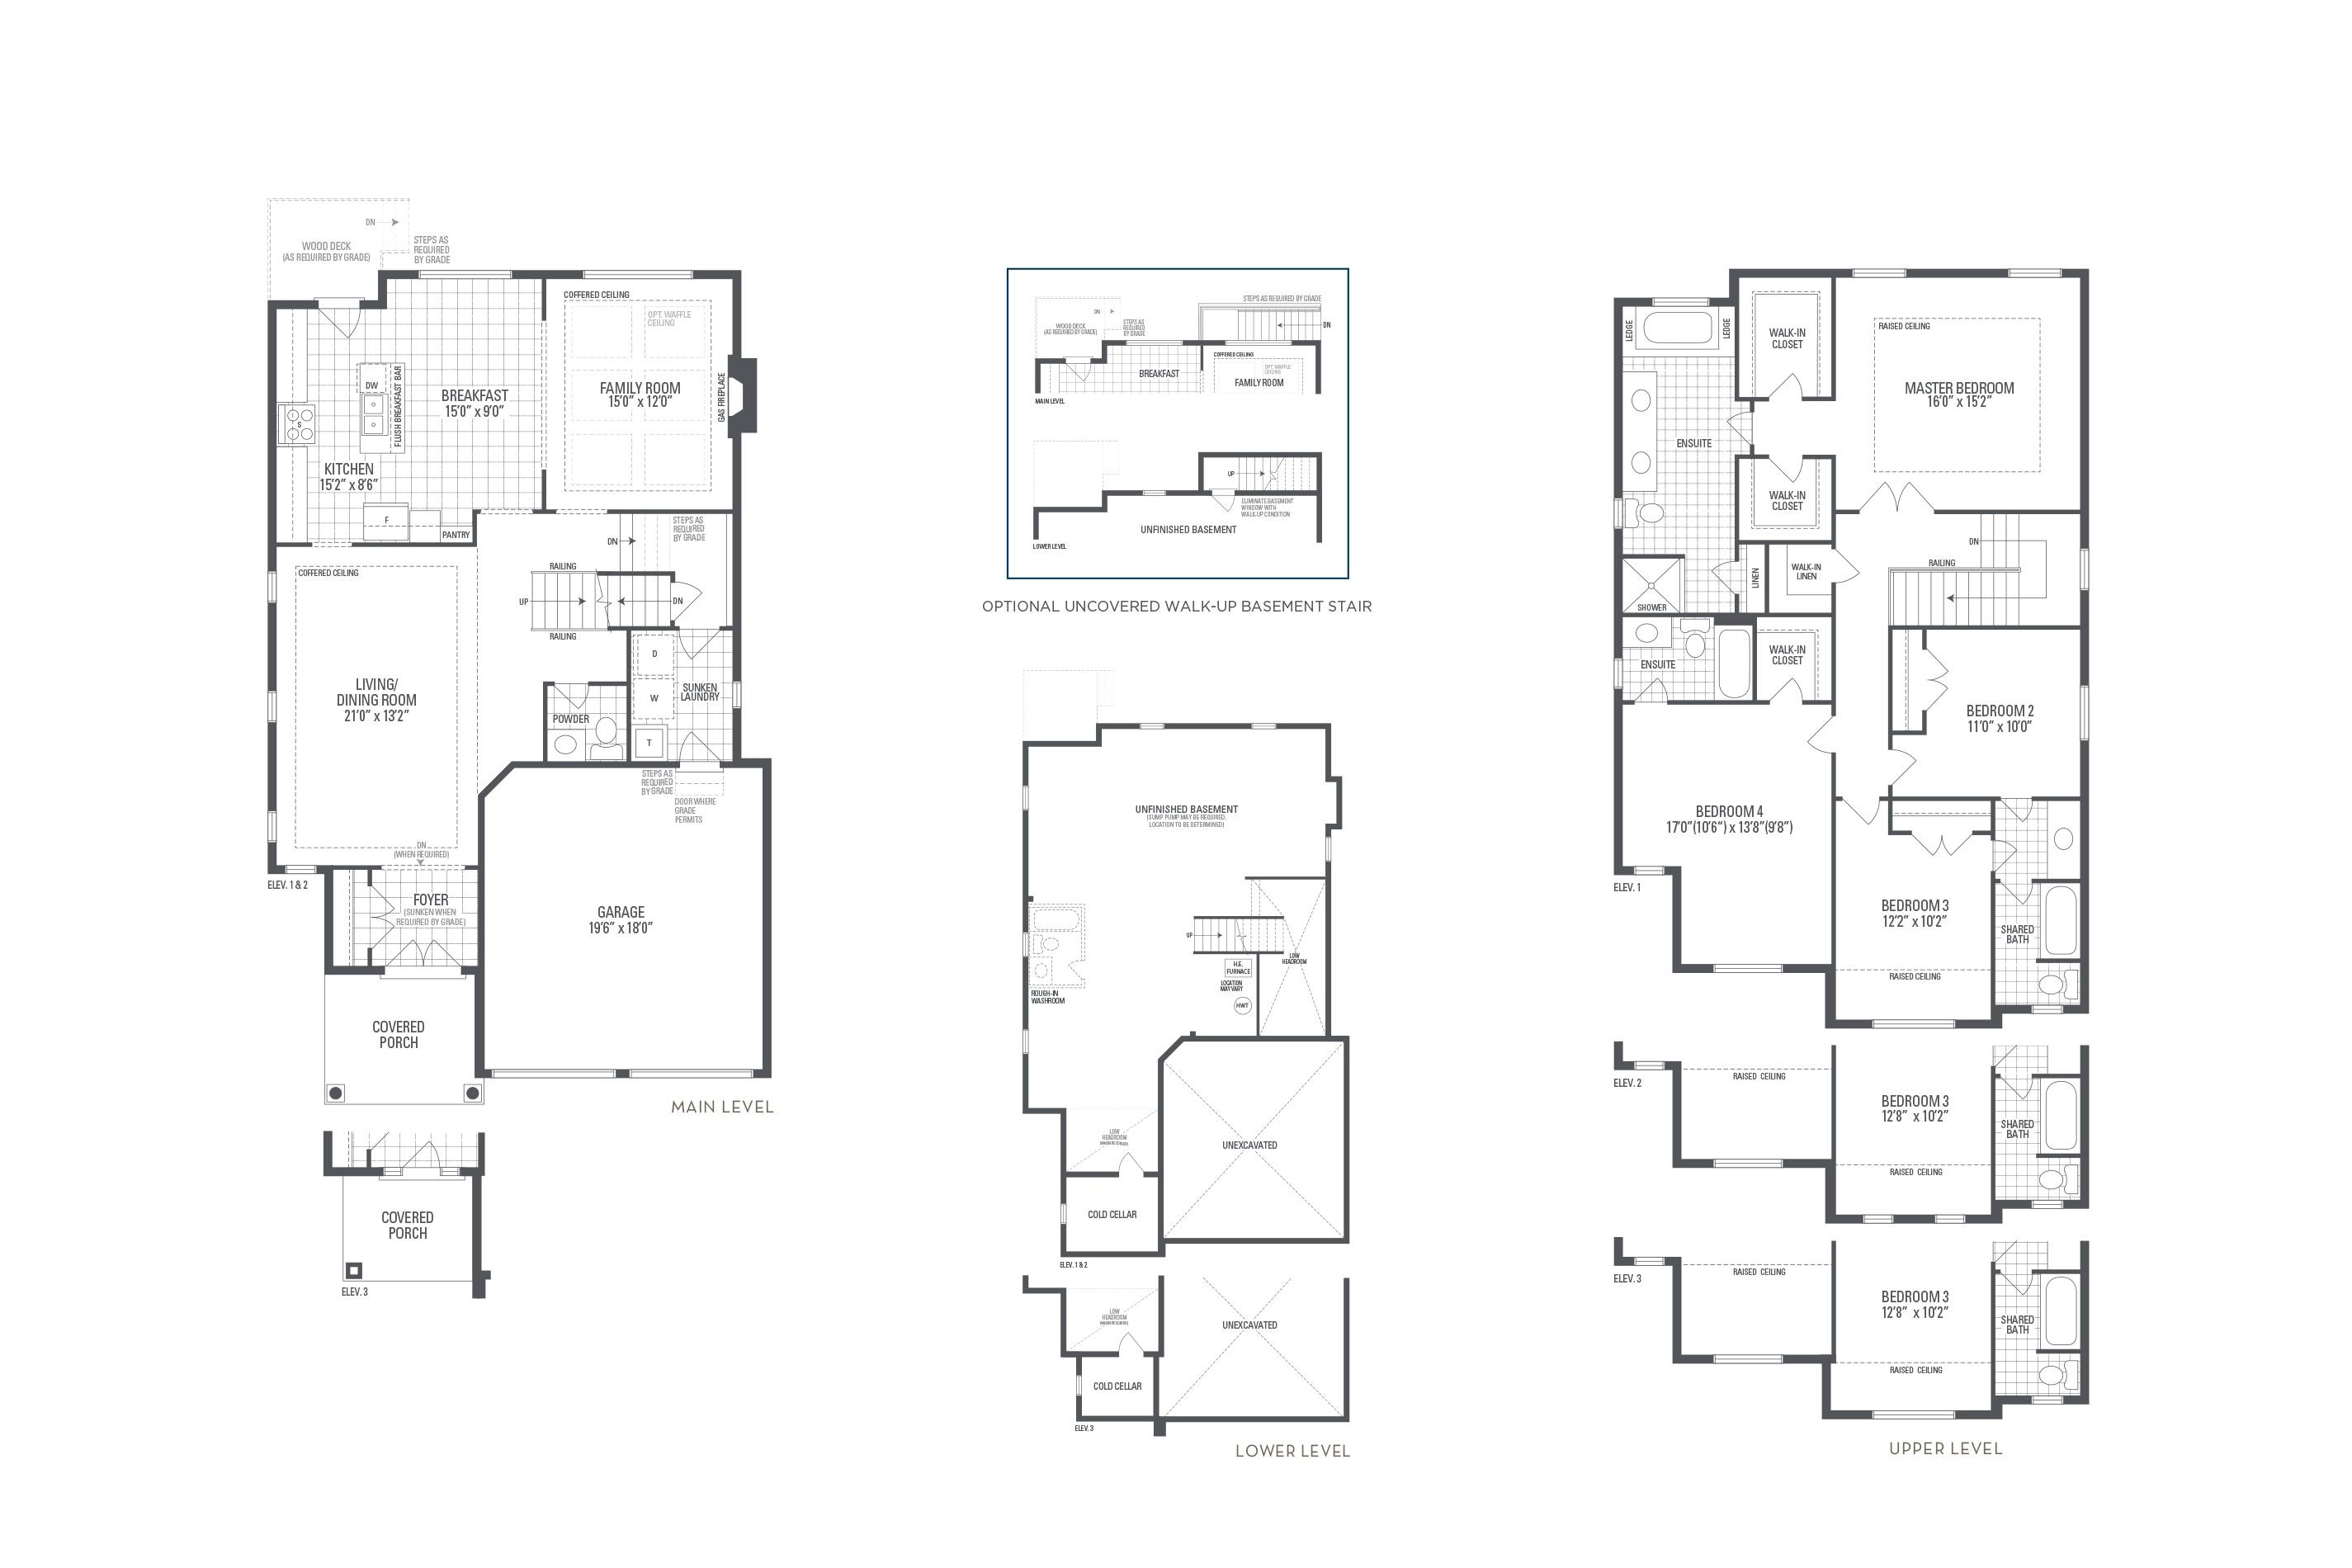 Manhattan 01 Elev. 3 Floorplan